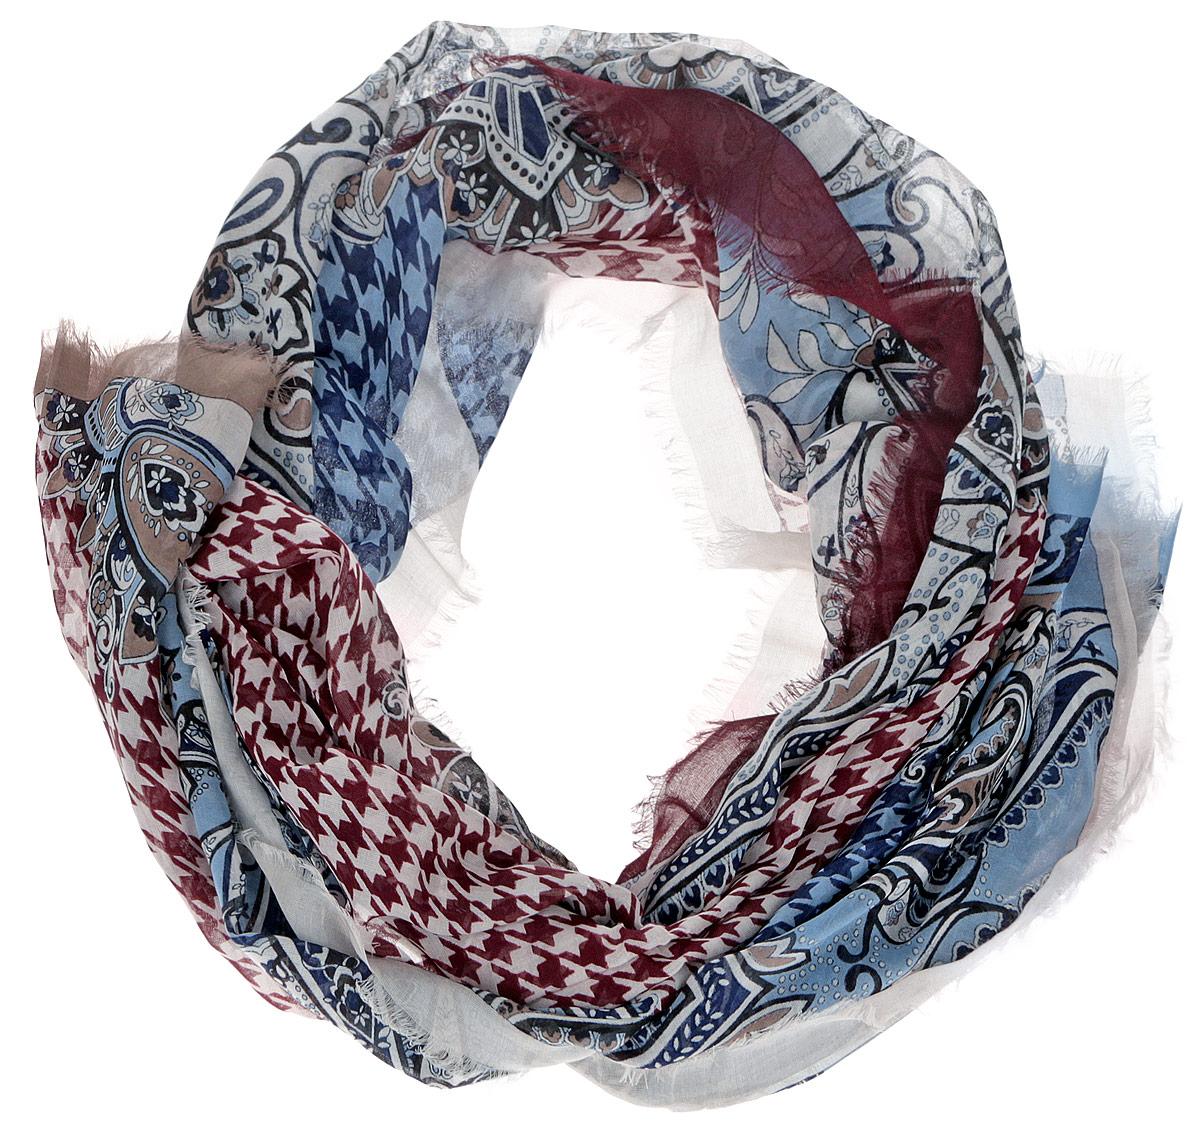 CX1516-55-5Модный женский шарф Leo Ventoni подарит вам уют и станет стильным аксессуаром, который призван подчеркнуть вашу индивидуальность и женственность. Тонкий шарф выполнен из высококачественного 100% модала, он невероятно мягкий и приятный на ощупь. Шарф оформлен тонкой бахромой по краю и украшен принтом в мелкую клетку с изображением изысканных этнических узоров. Этот модный аксессуар гармонично дополнит образ современной женщины, следящей за своим имиджем и стремящейся всегда оставаться стильной и элегантной. Такой шарф украсит любой наряд и согреет вас в непогоду, с ним вы всегда будете выглядеть изысканно и оригинально.